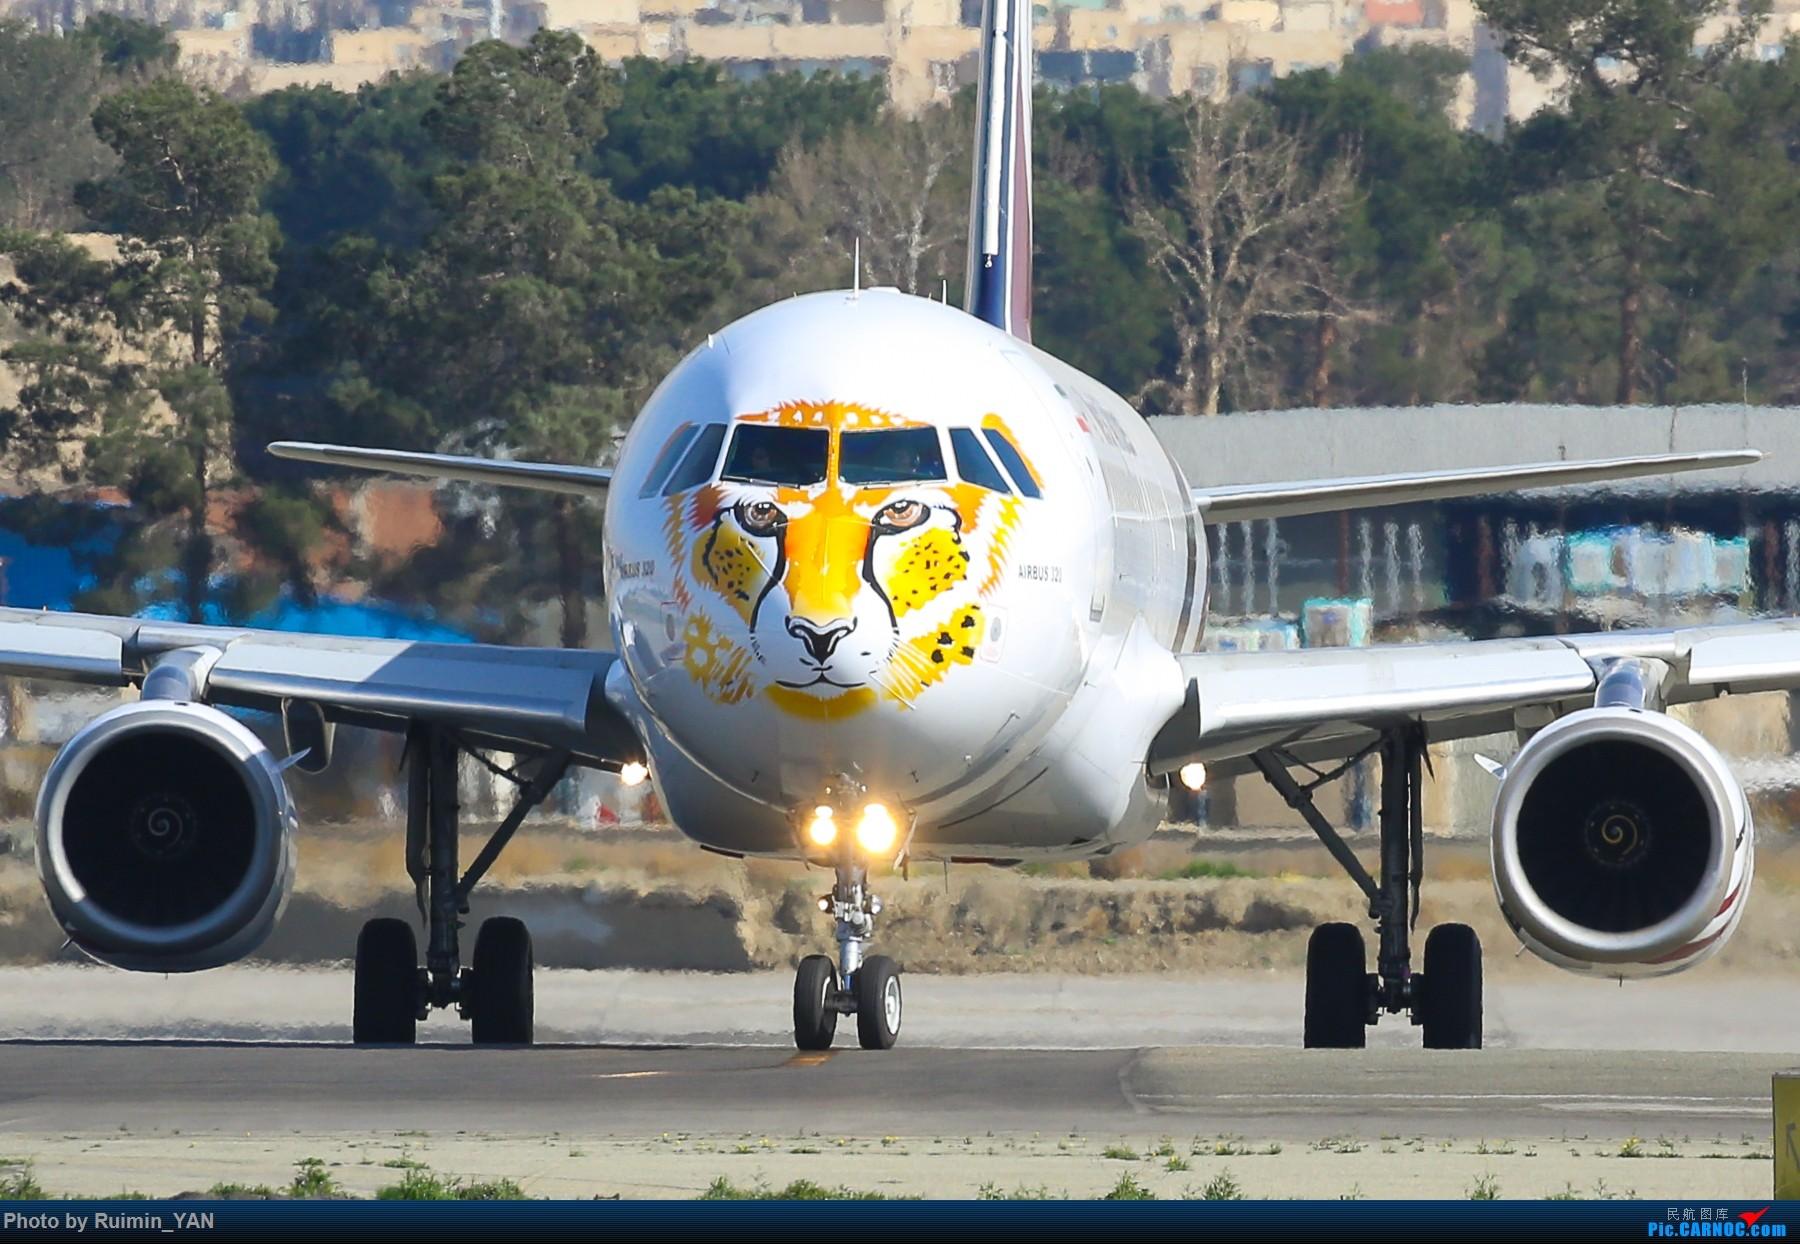 [原创]【THR】(德黑兰梅赫拉巴德机场)伊朗Meraj航空(Meraj Airlines,IJ)新涂的保护老虎猎豹彩绘--空客320,AB6 AIRBUS A320-200 EP-AJI 伊朗德黑兰机场